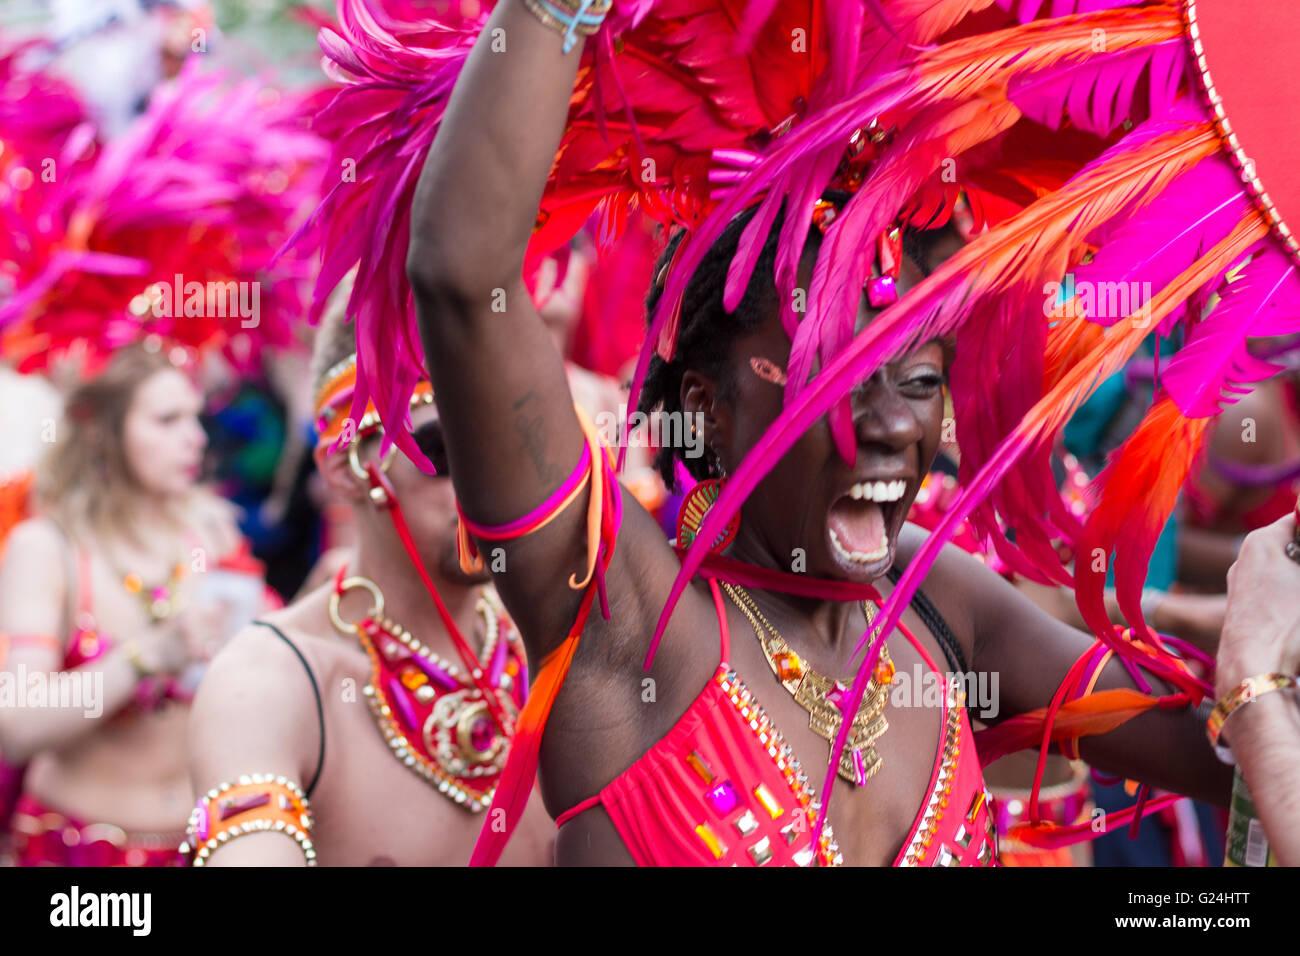 Retrato de mujer bailando en traje de Carnaval de las Culturas (Karneval der Kulturen) en Berlín, Alemania. Imagen De Stock